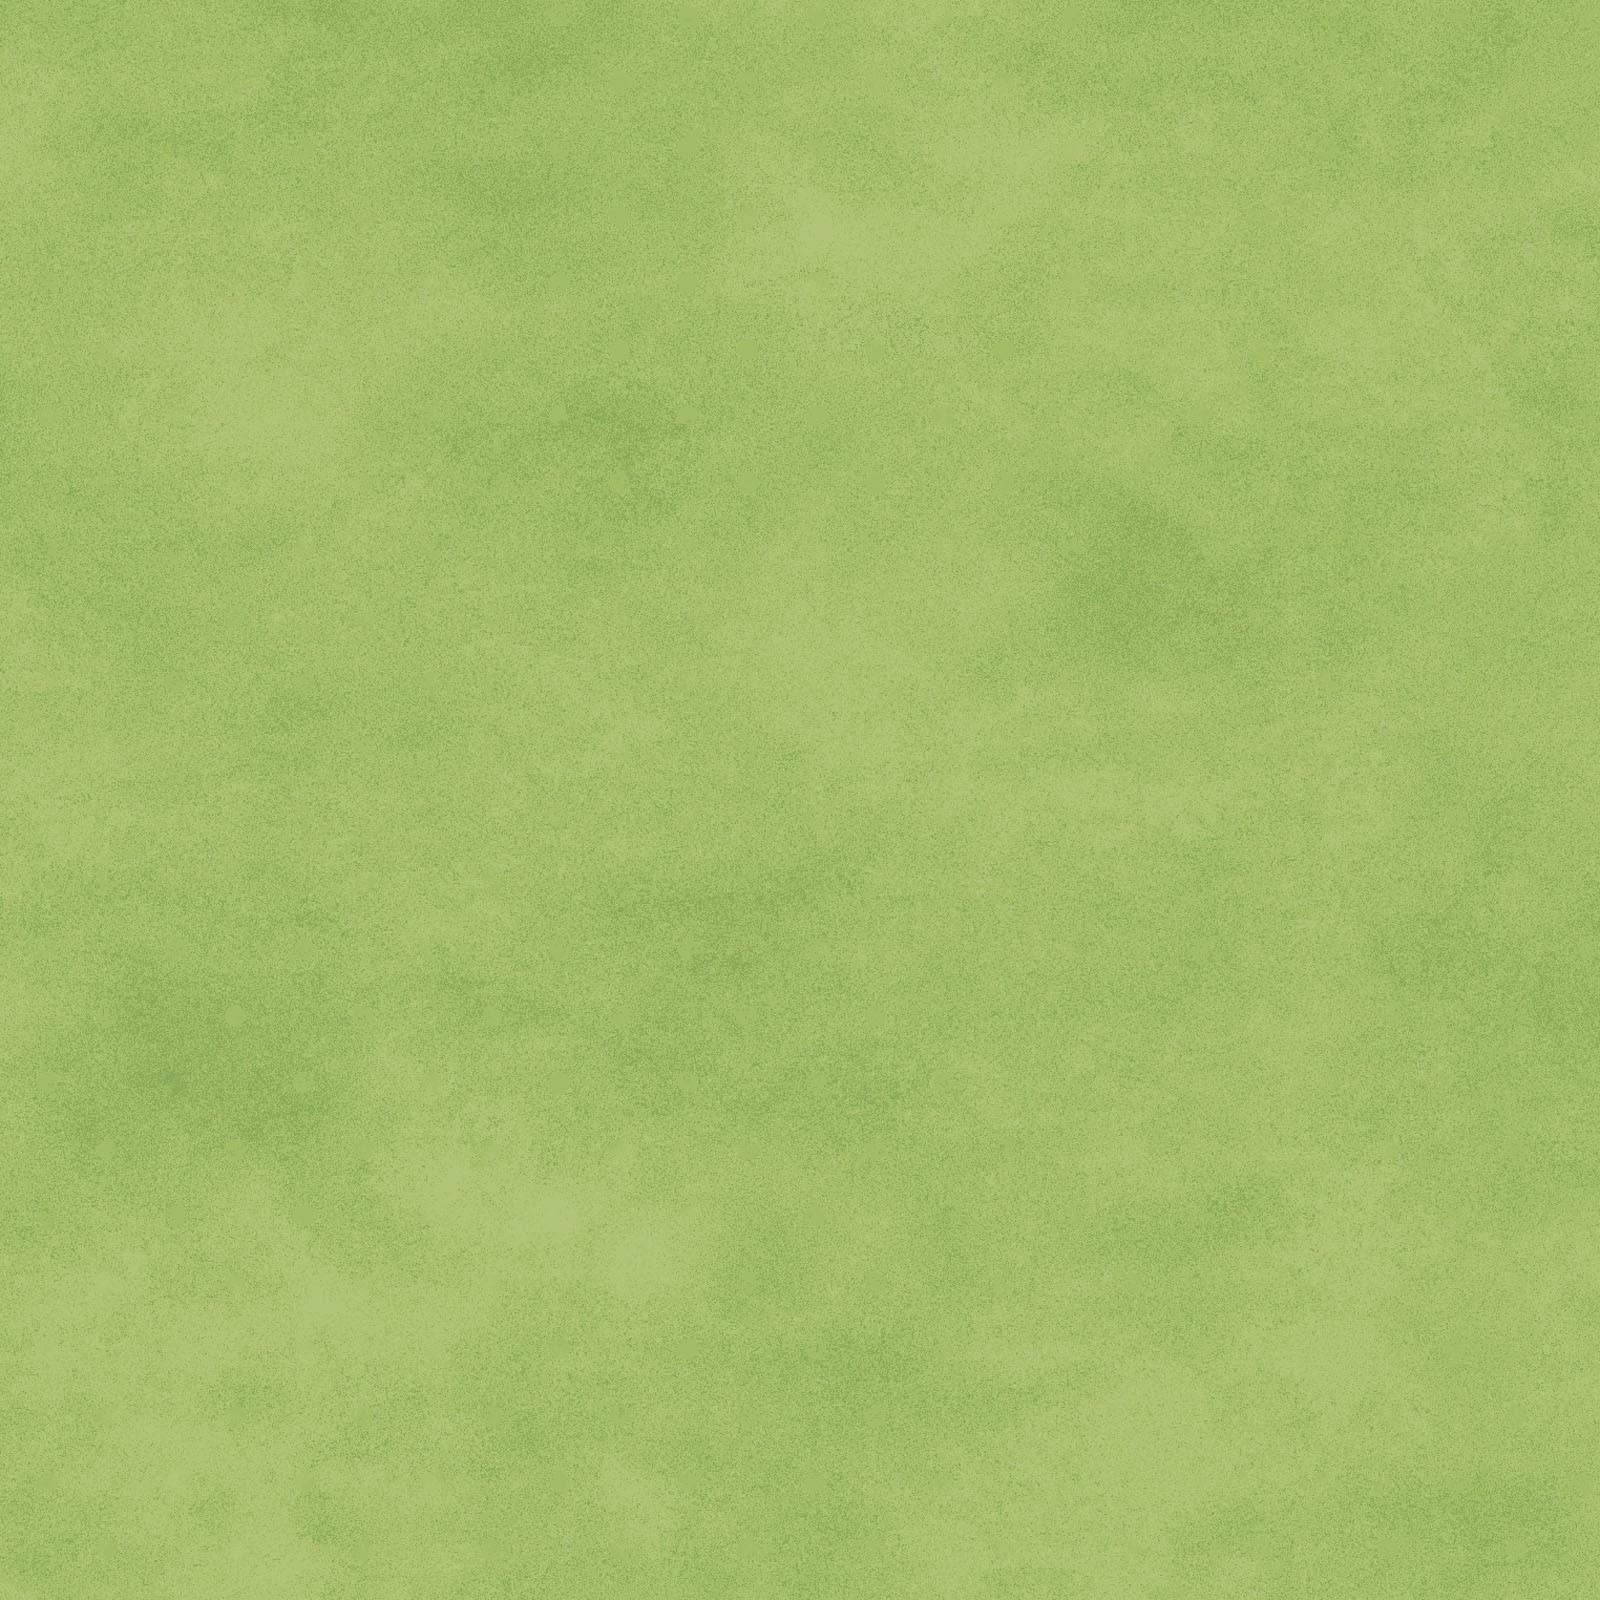 Shadow Play -Green